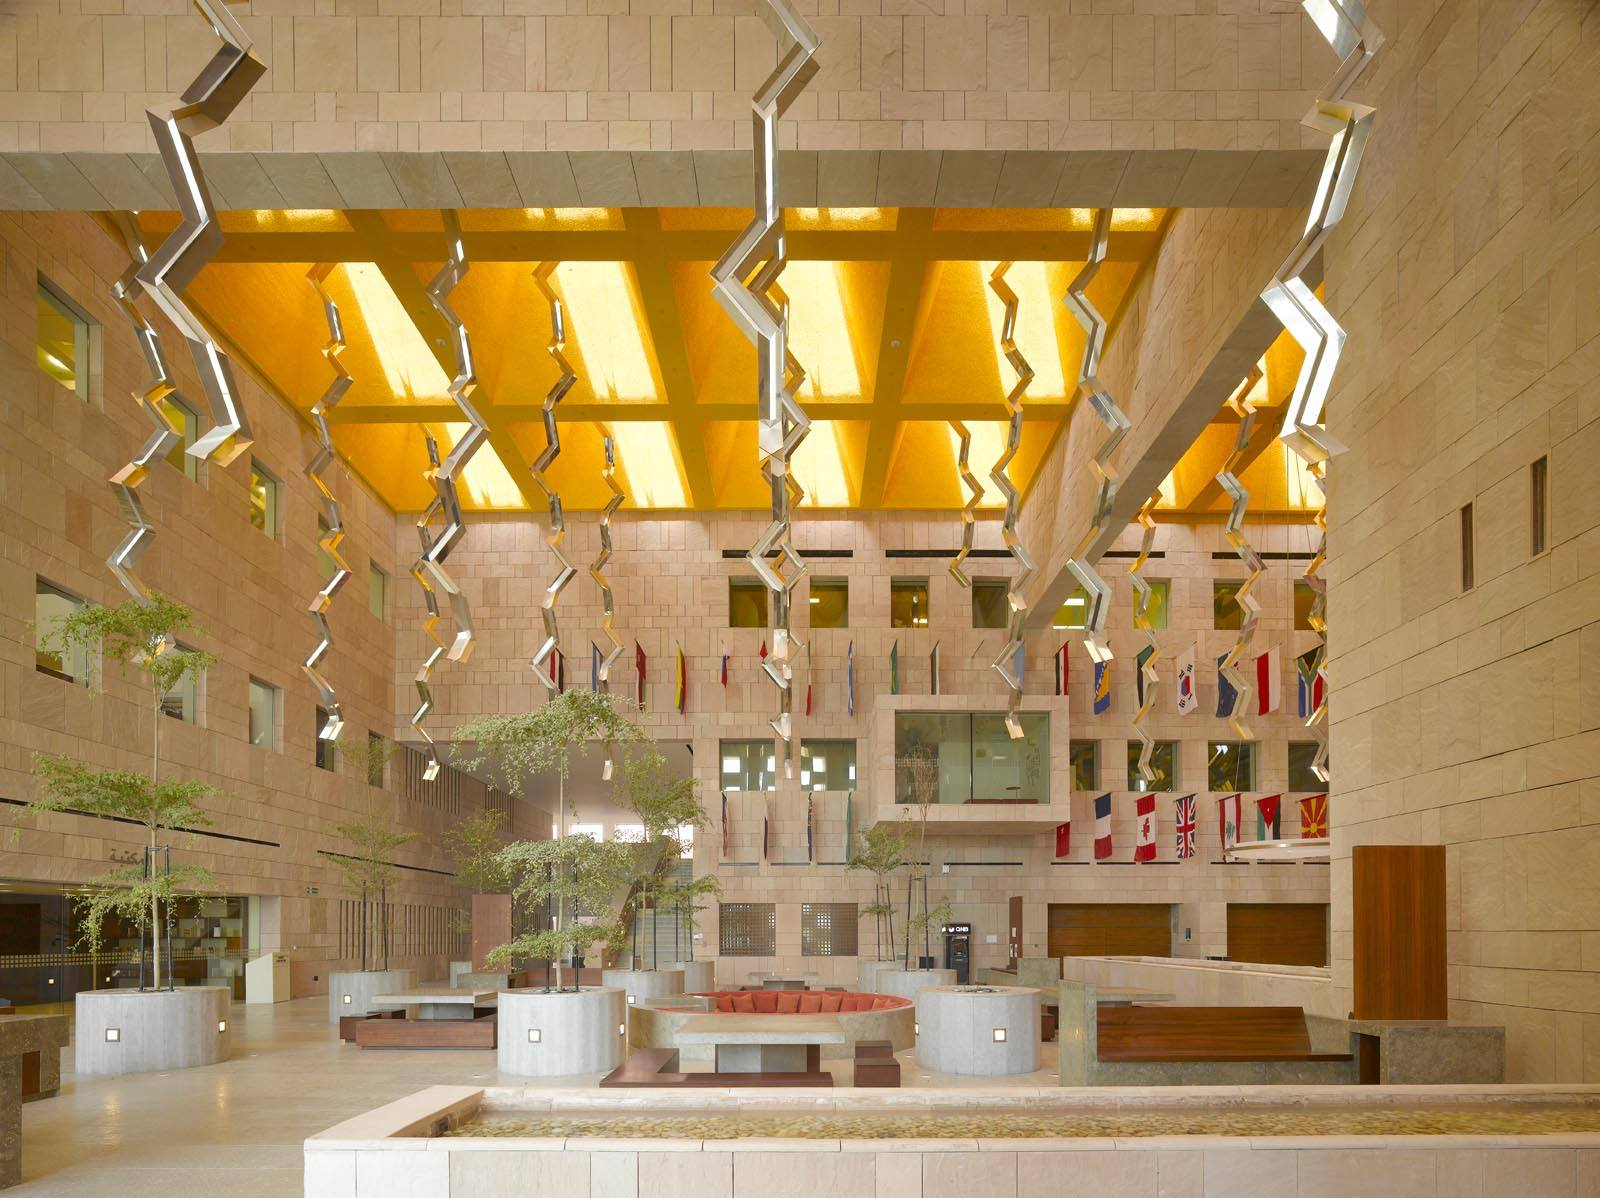 CENTRO ESTUDIANTIL, UHBK|Fotografía de : Roland  Halbe